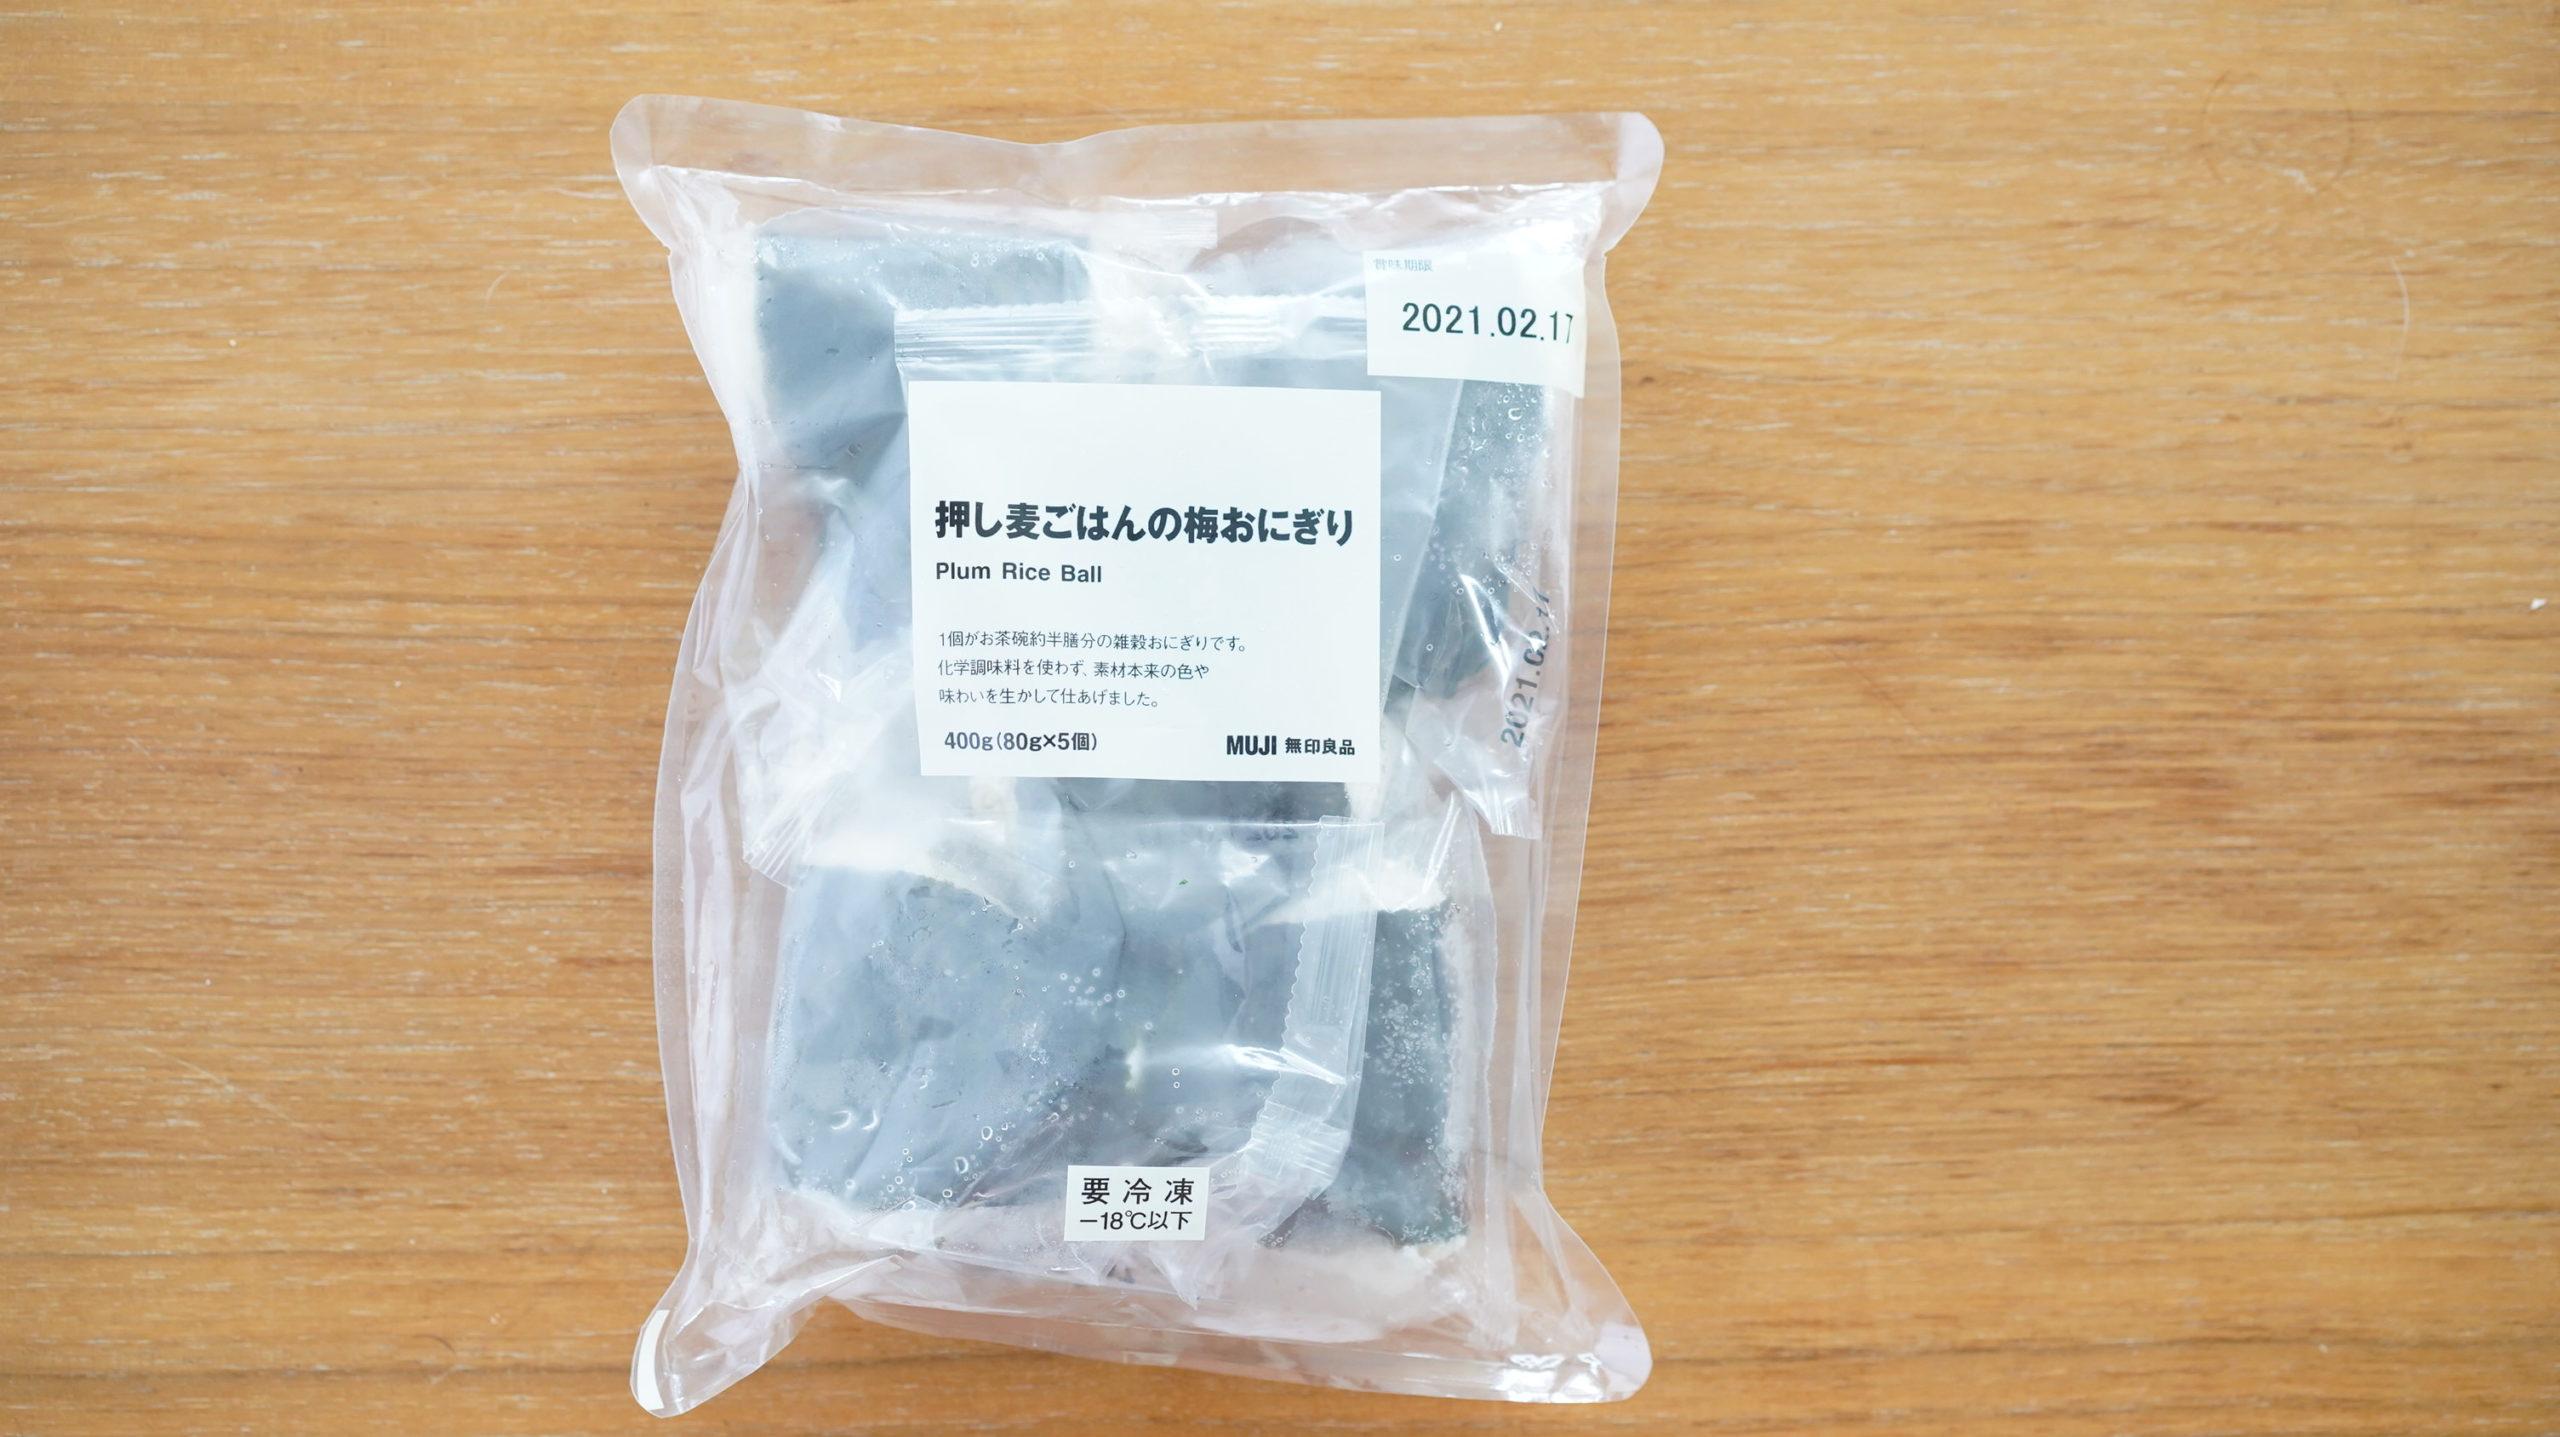 無印良品のおすすめ冷凍食品「押し麦ごはんの梅おにぎり」のパッケージの写真